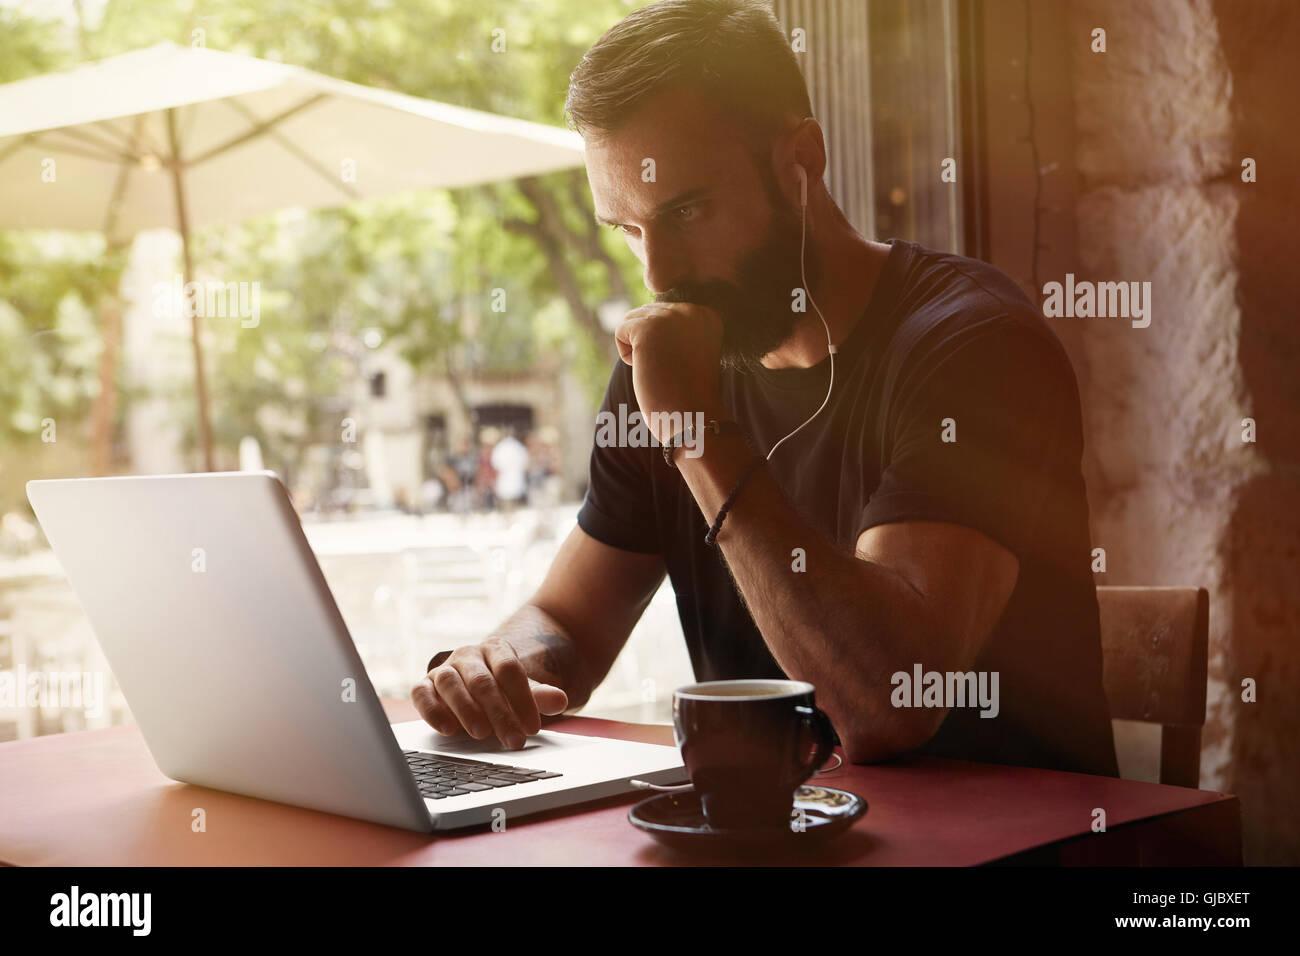 Empresario joven barbudo concentrada vistiendo negro Tshirt Trabajo Urbano portátil Cafe.hombre sentado Tabla Imagen De Stock